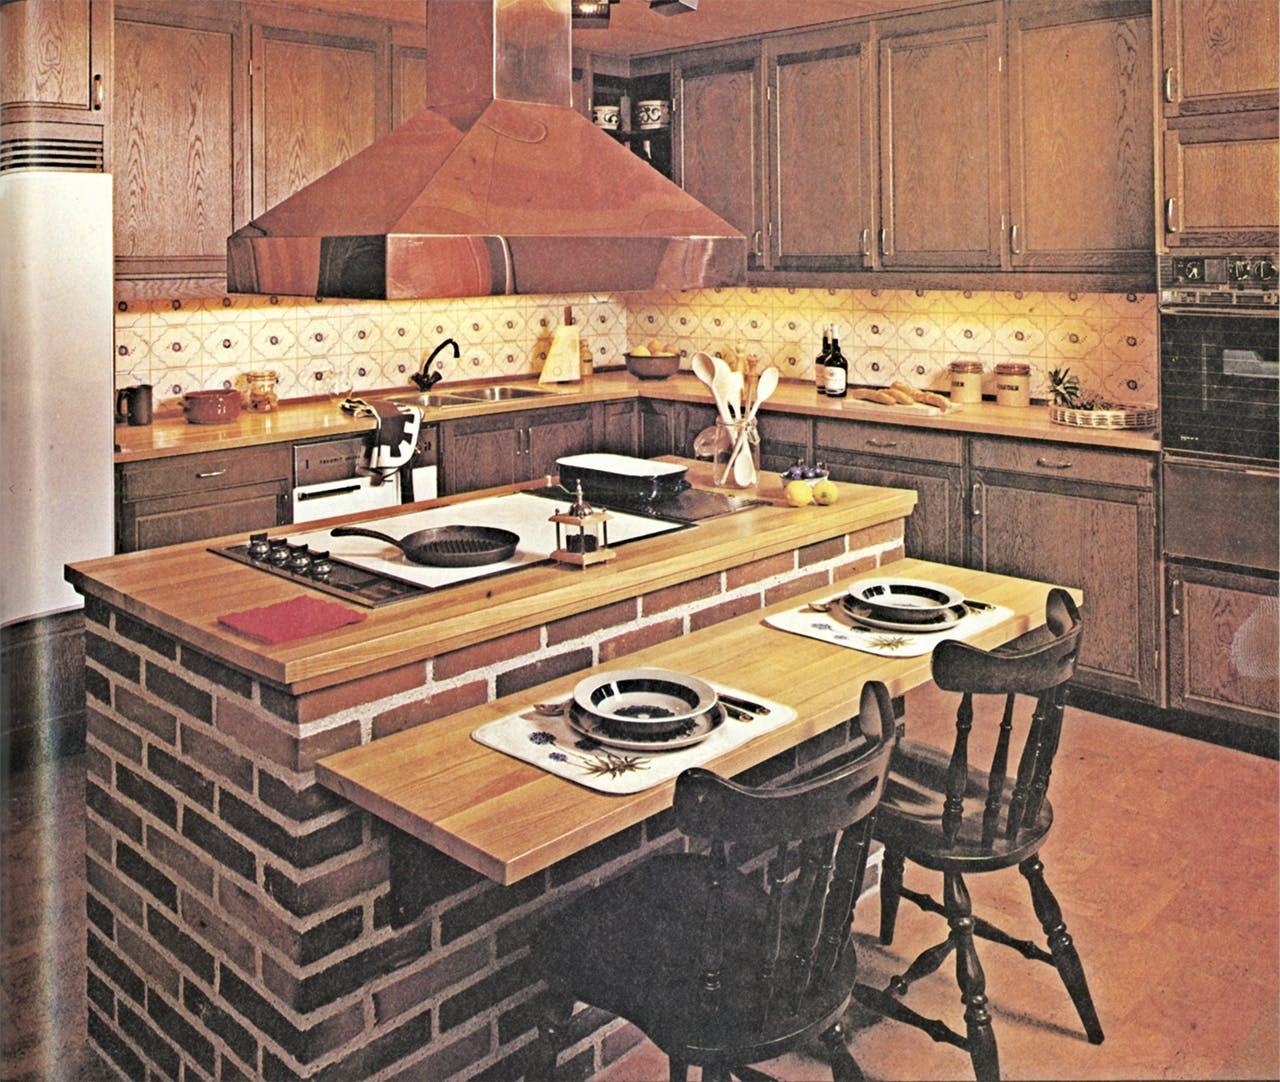 køkken køkkenet historie udvikling 1970 70'erne